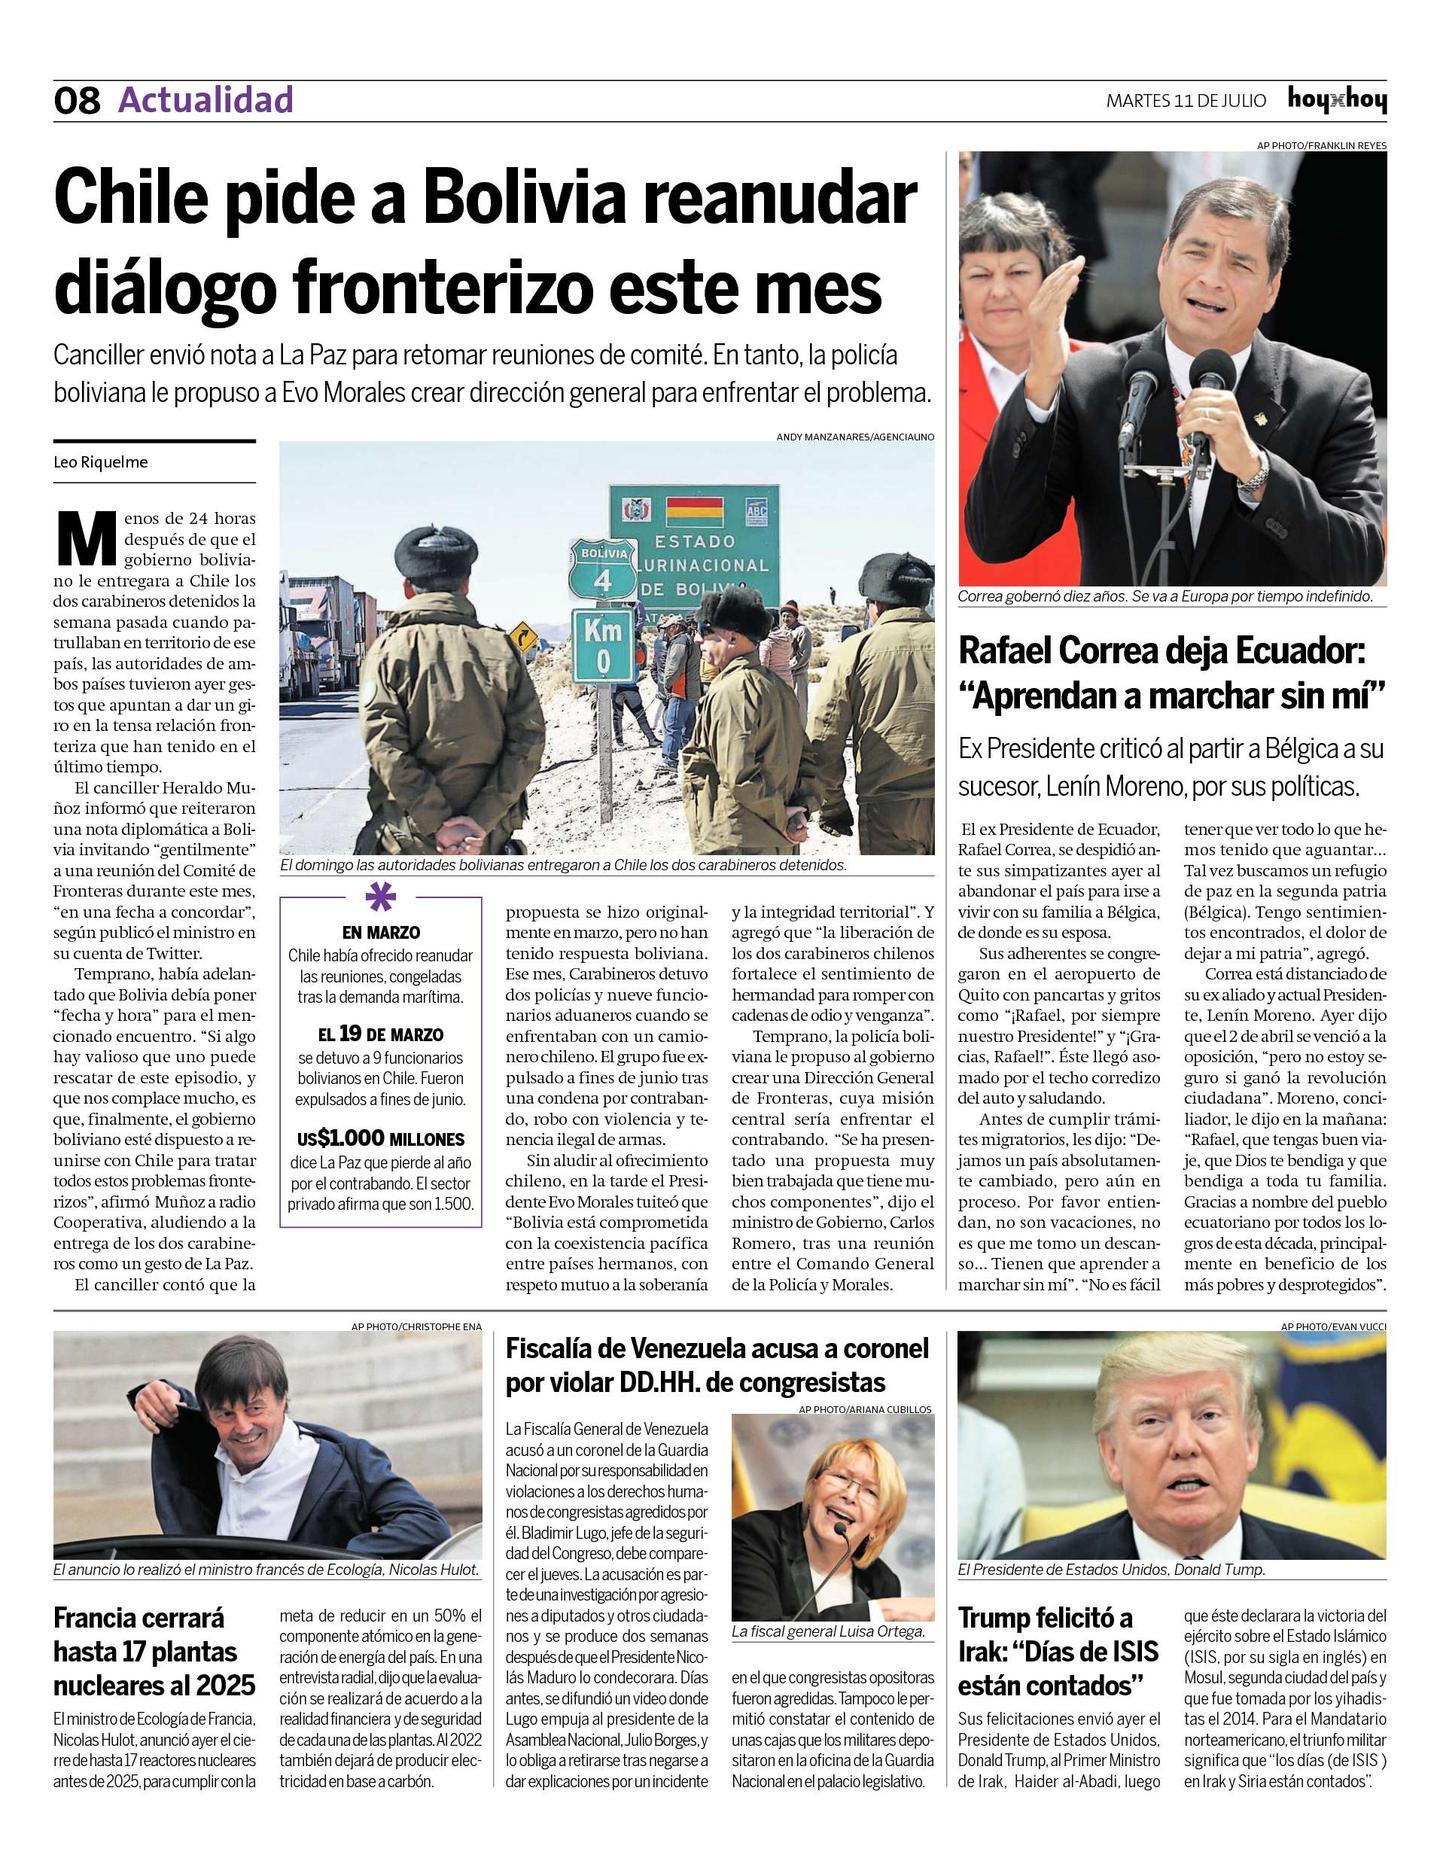 Página 8 | hoyxhoy.cl - HoyxHoy, el diario que no tiene precio ...